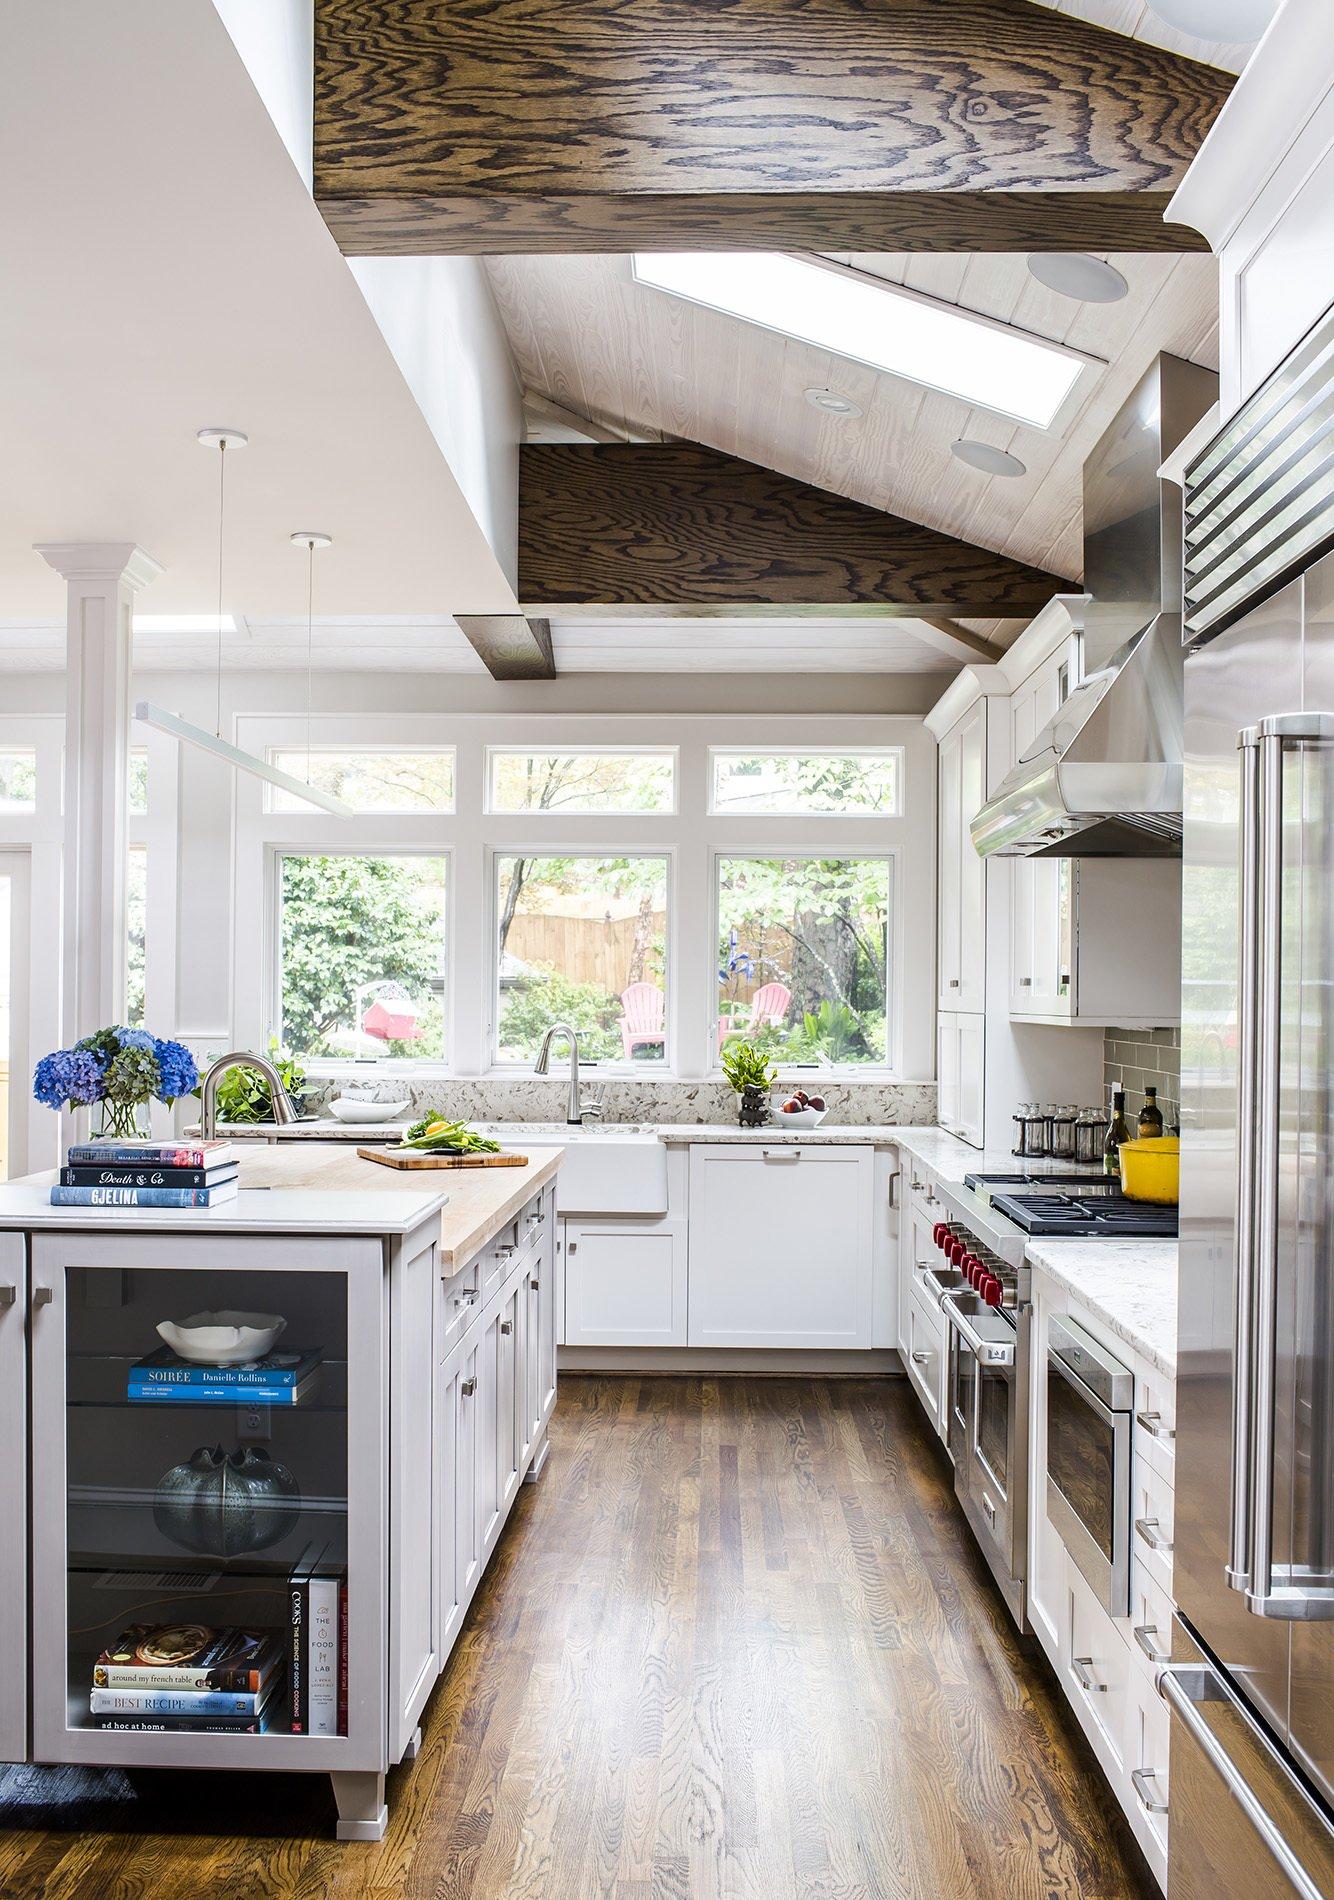 White Regina Kitchen with Blue Accent Pieces